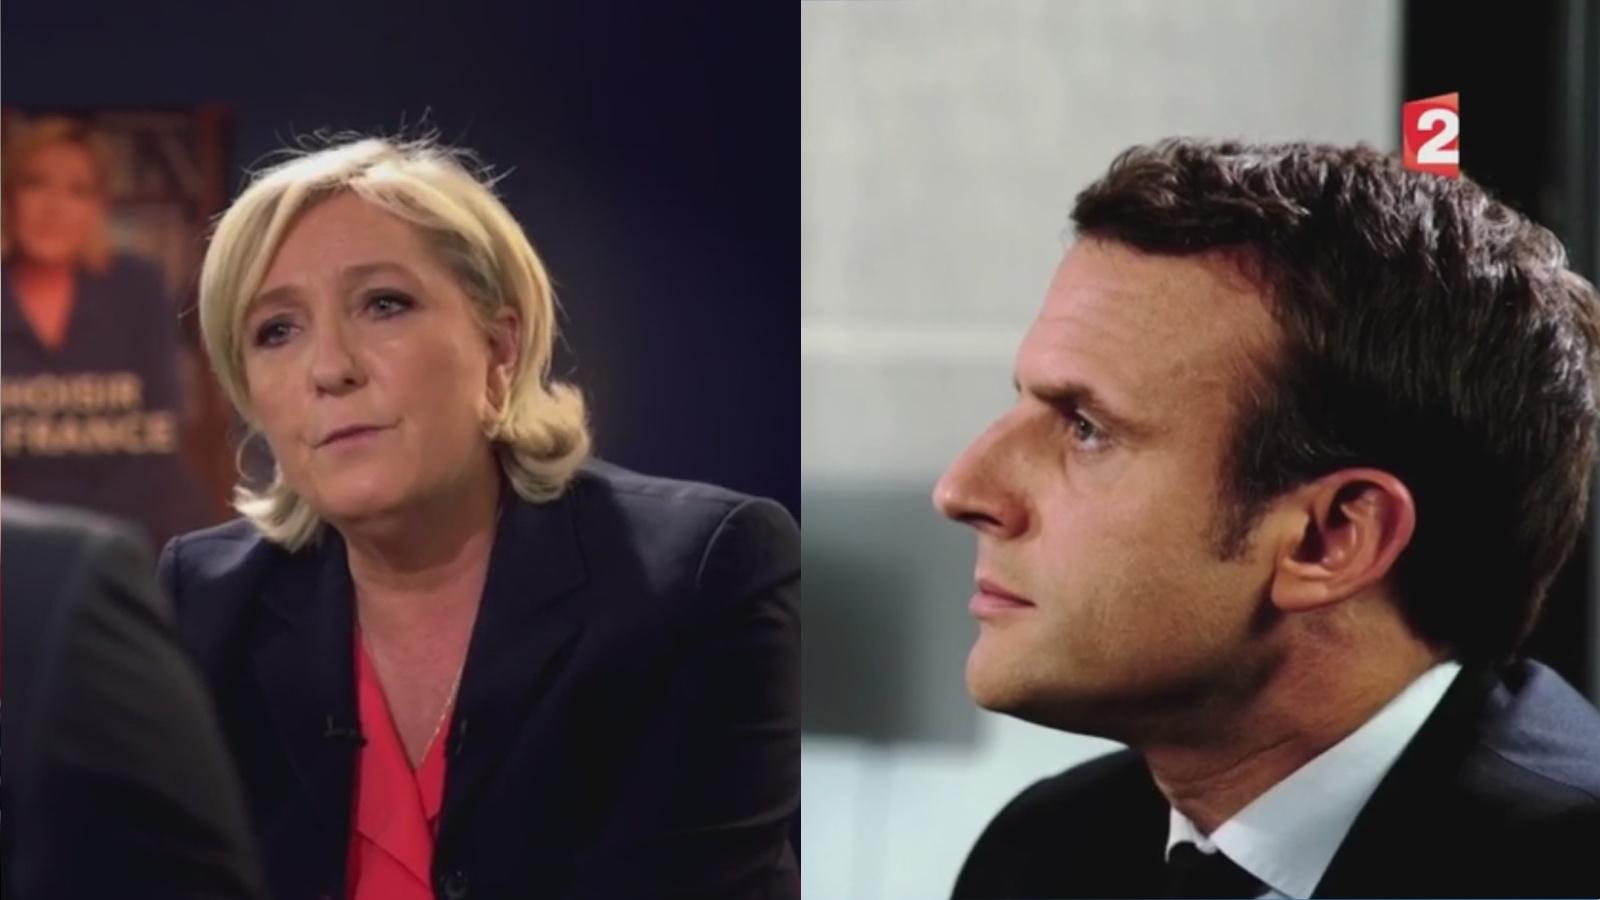 L'écart entre Emmanuel Macron et Marine Le Pen se resserre